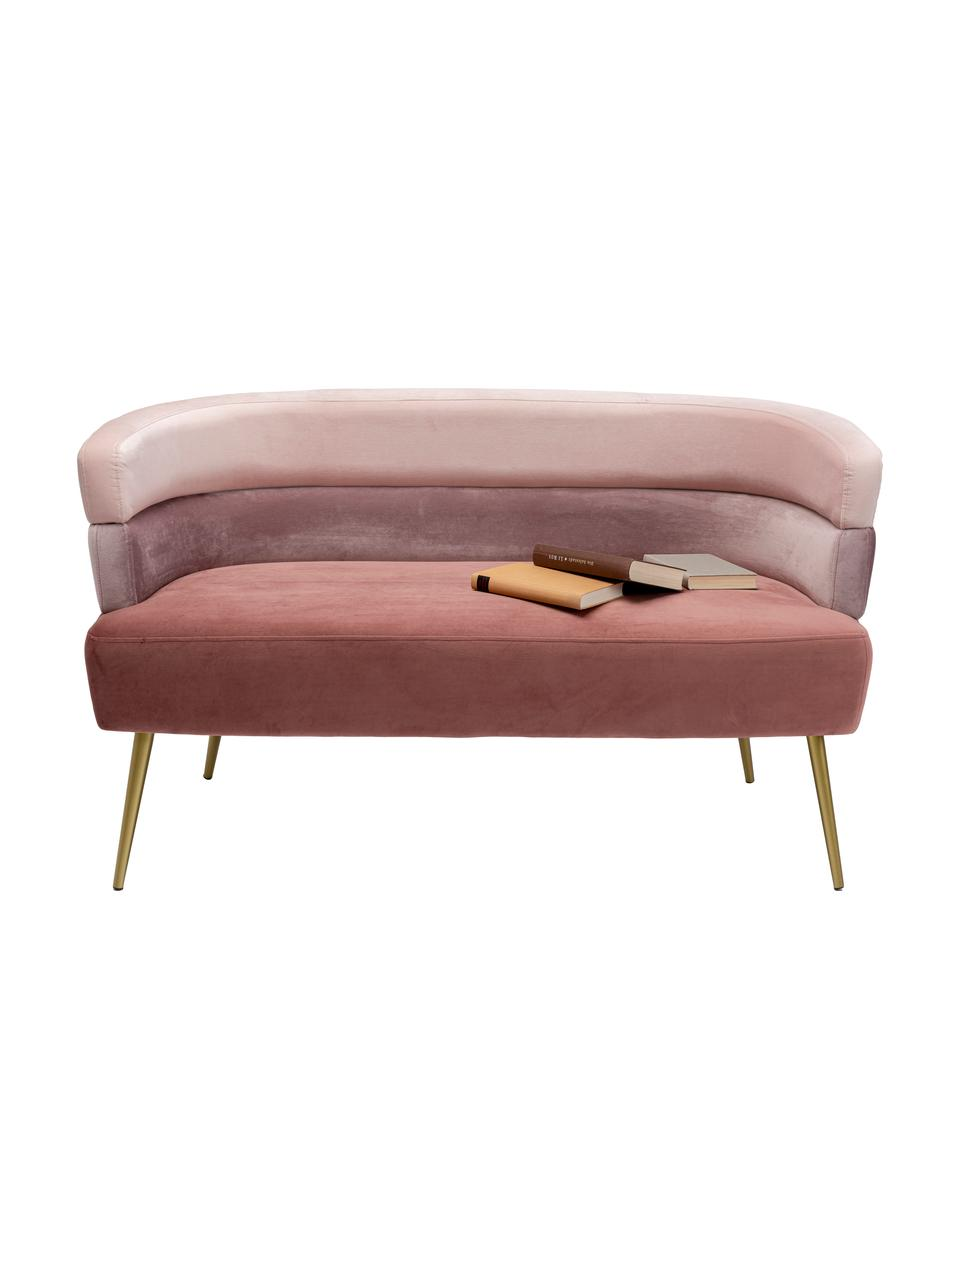 Fluwelen bank Sandwich (2-zits) in roze aan de retro-design, Bekleding: polyester fluweel, Poten: gepoedercoat metaal, Fluweel roze, B 125 x D 64 cm